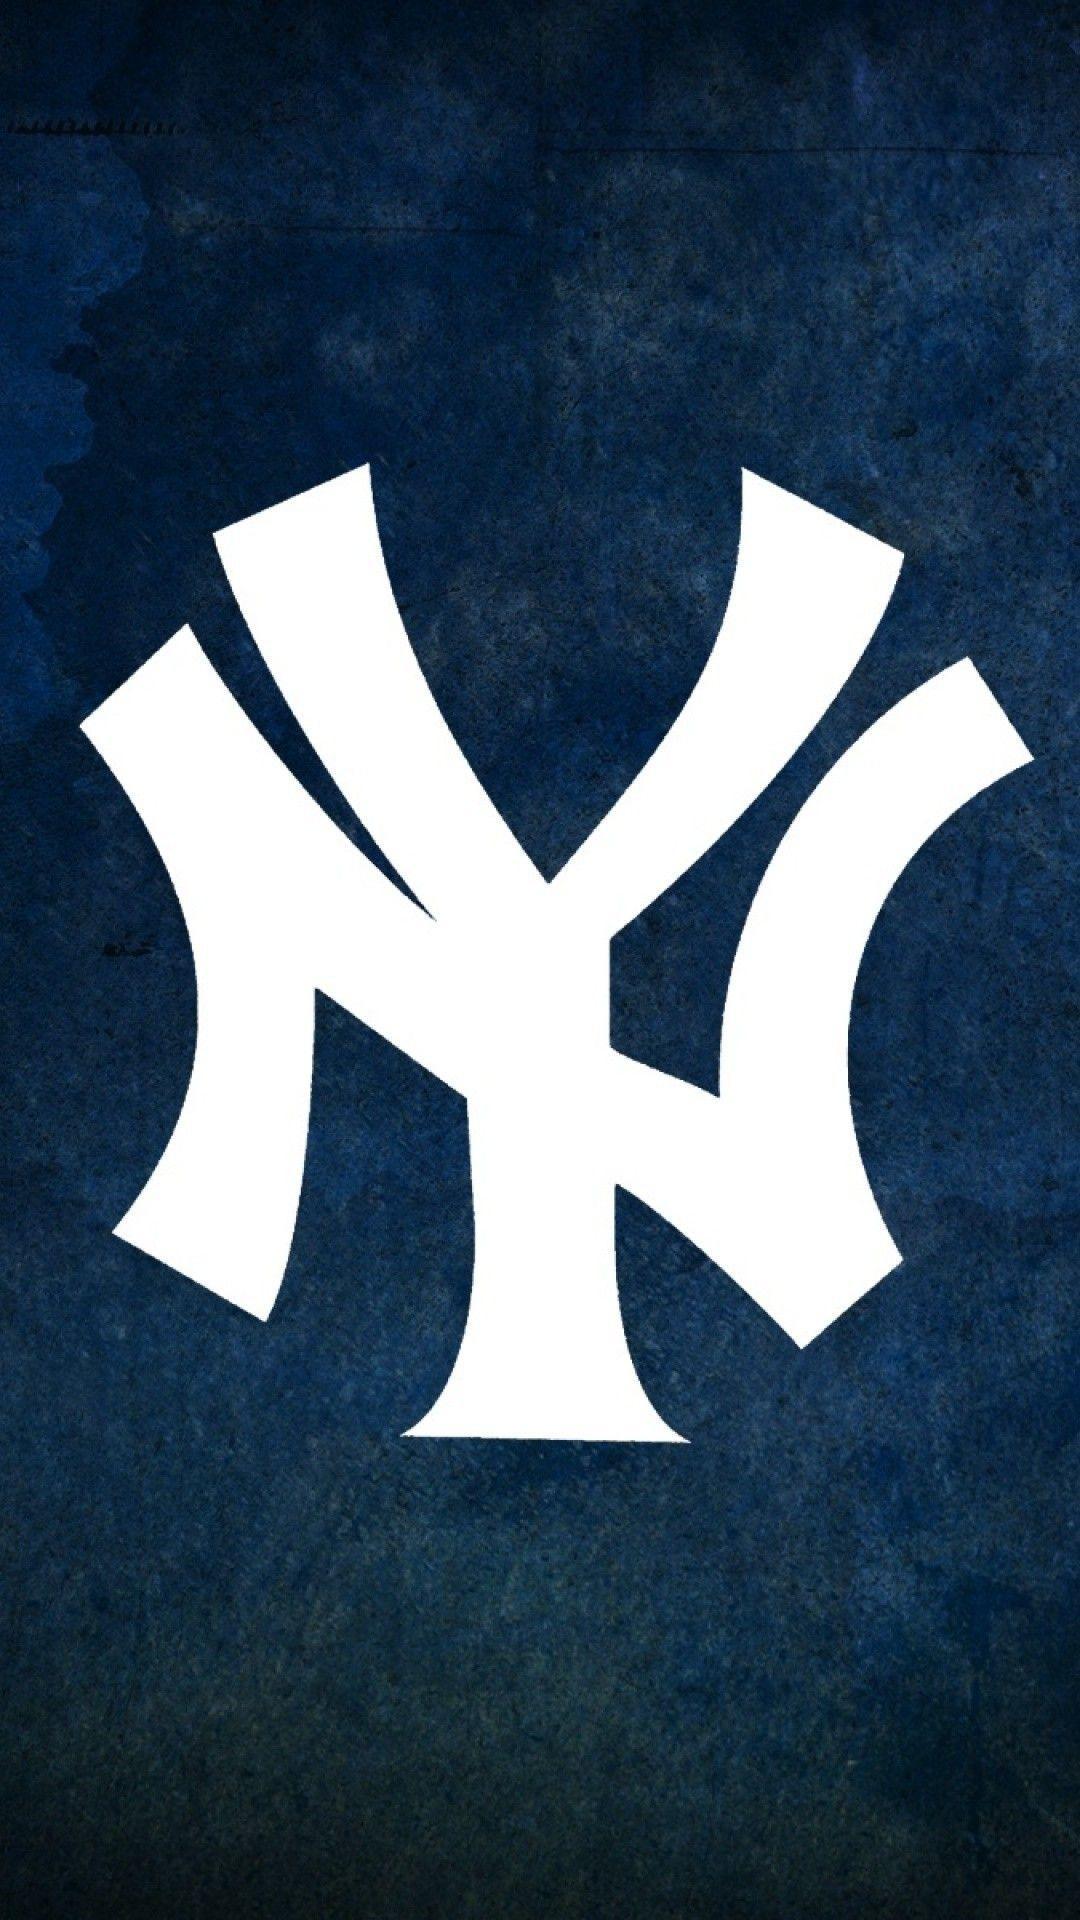 New York Yankees Iphone Wallpapers Top Free New York Yankees